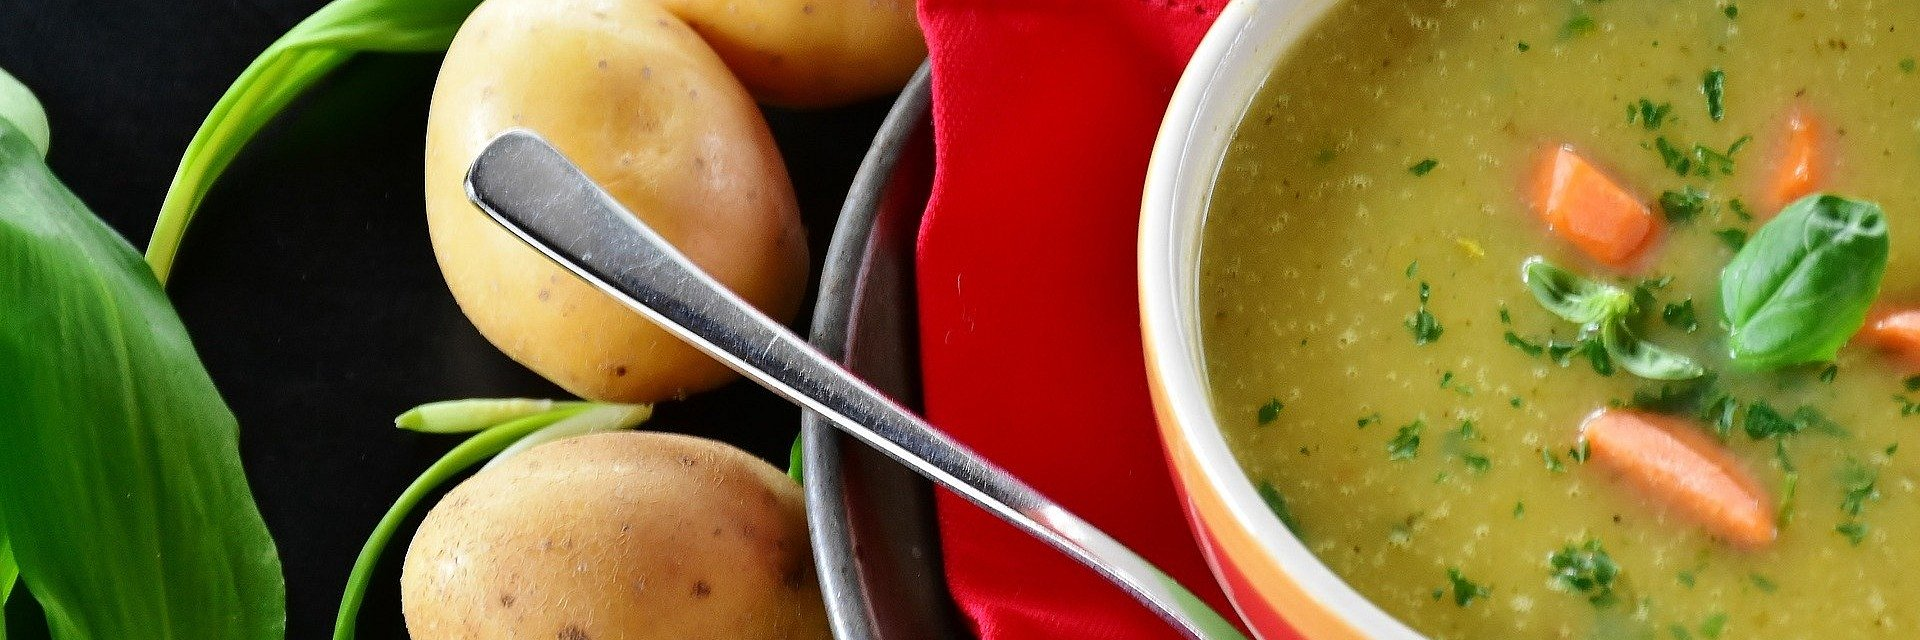 Szturm na cateringi dietetyczne. Z nowym rokiem Polacy chcą się zdrowiej odżywiać